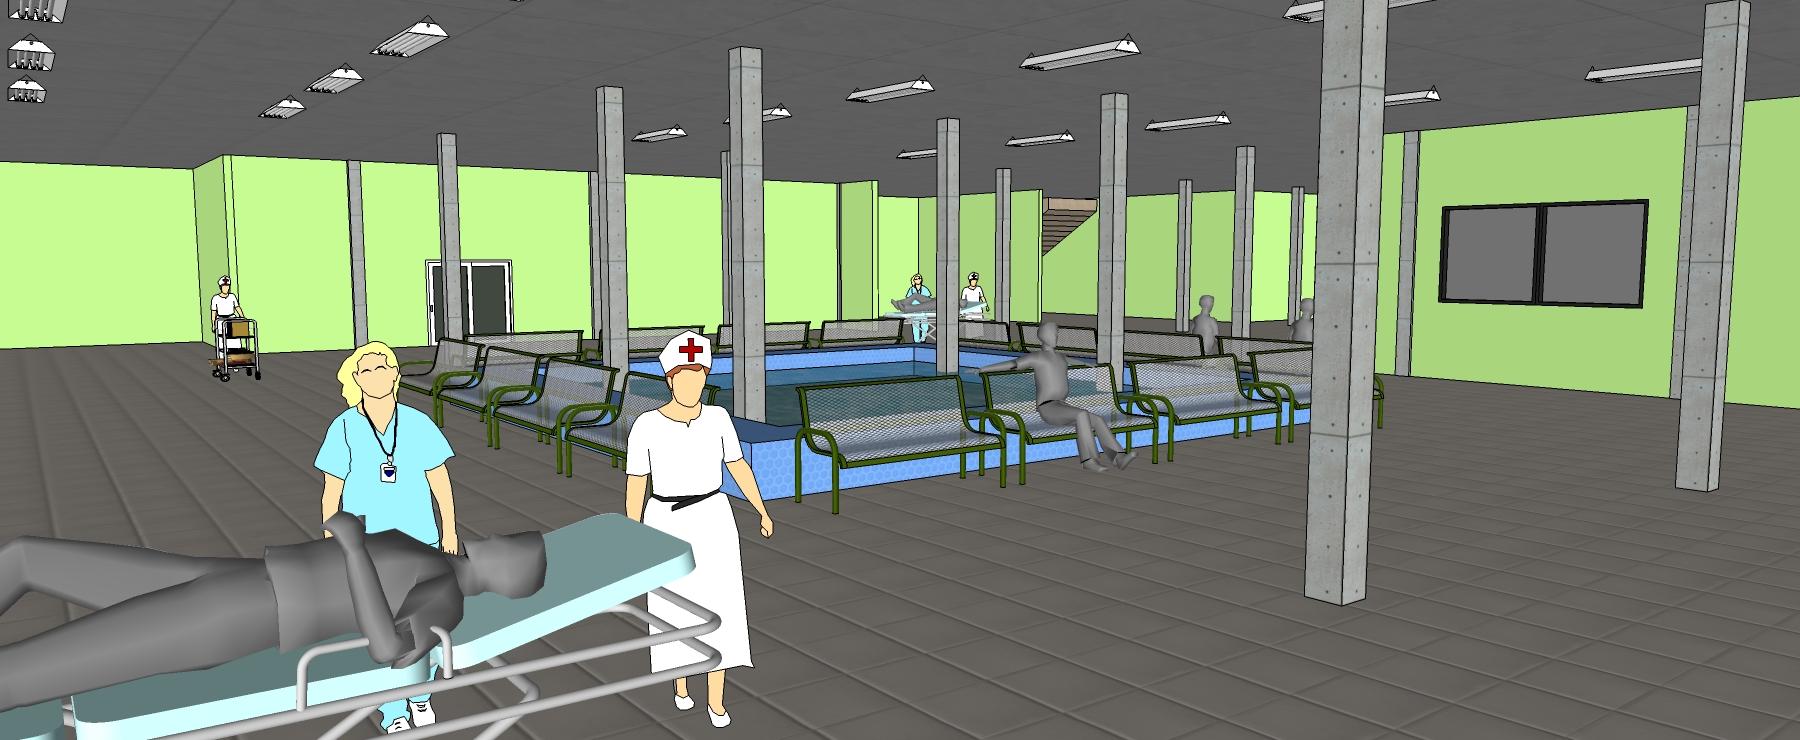 پلان بیمارستان 4 طبقه